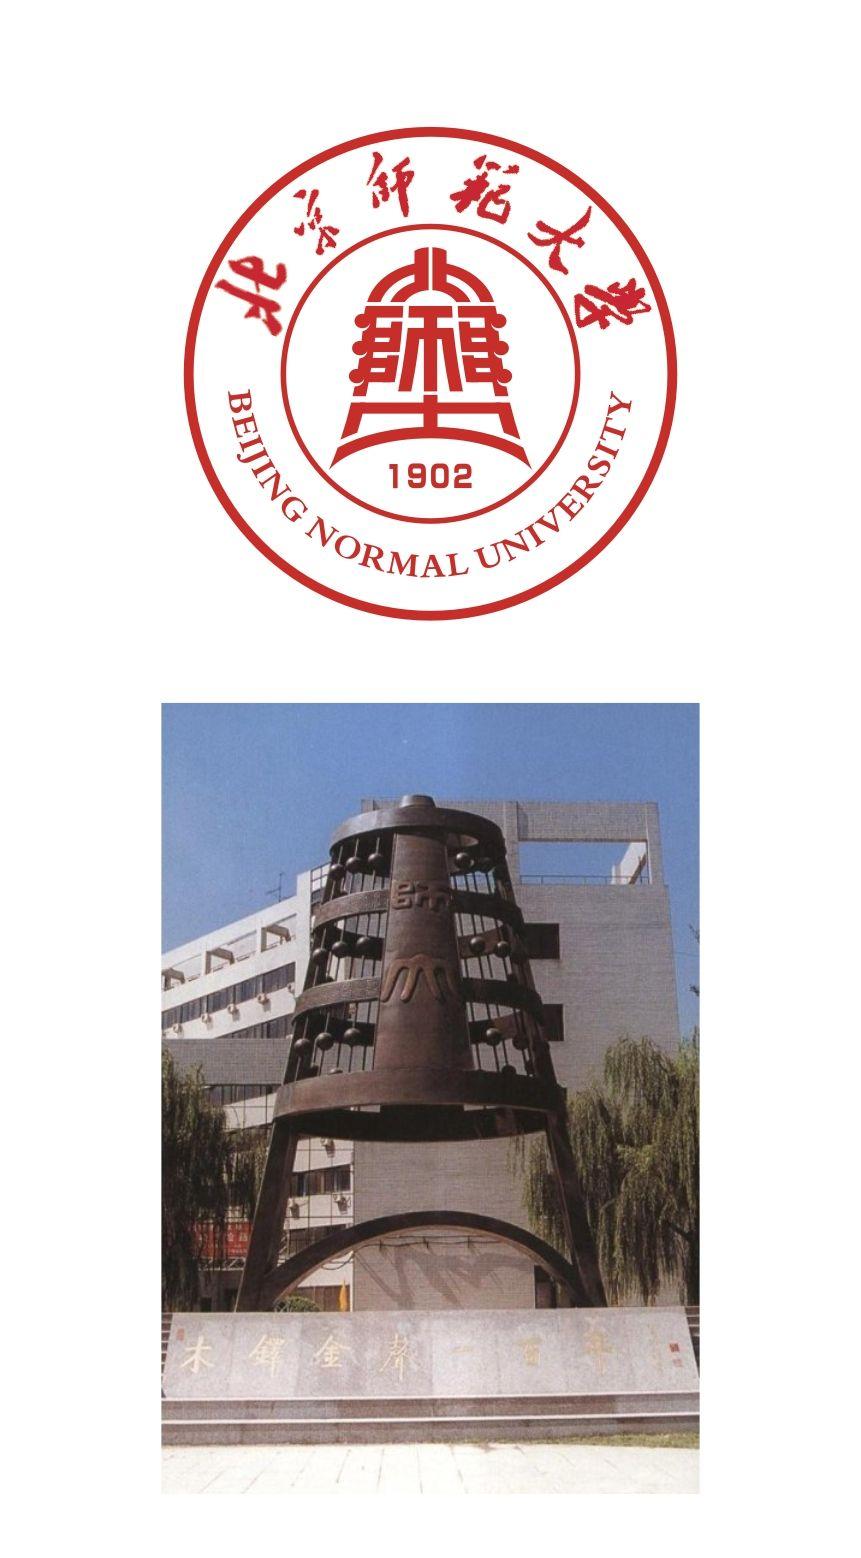 公司获选 北京师范大学 新校徽第一名 高清图片